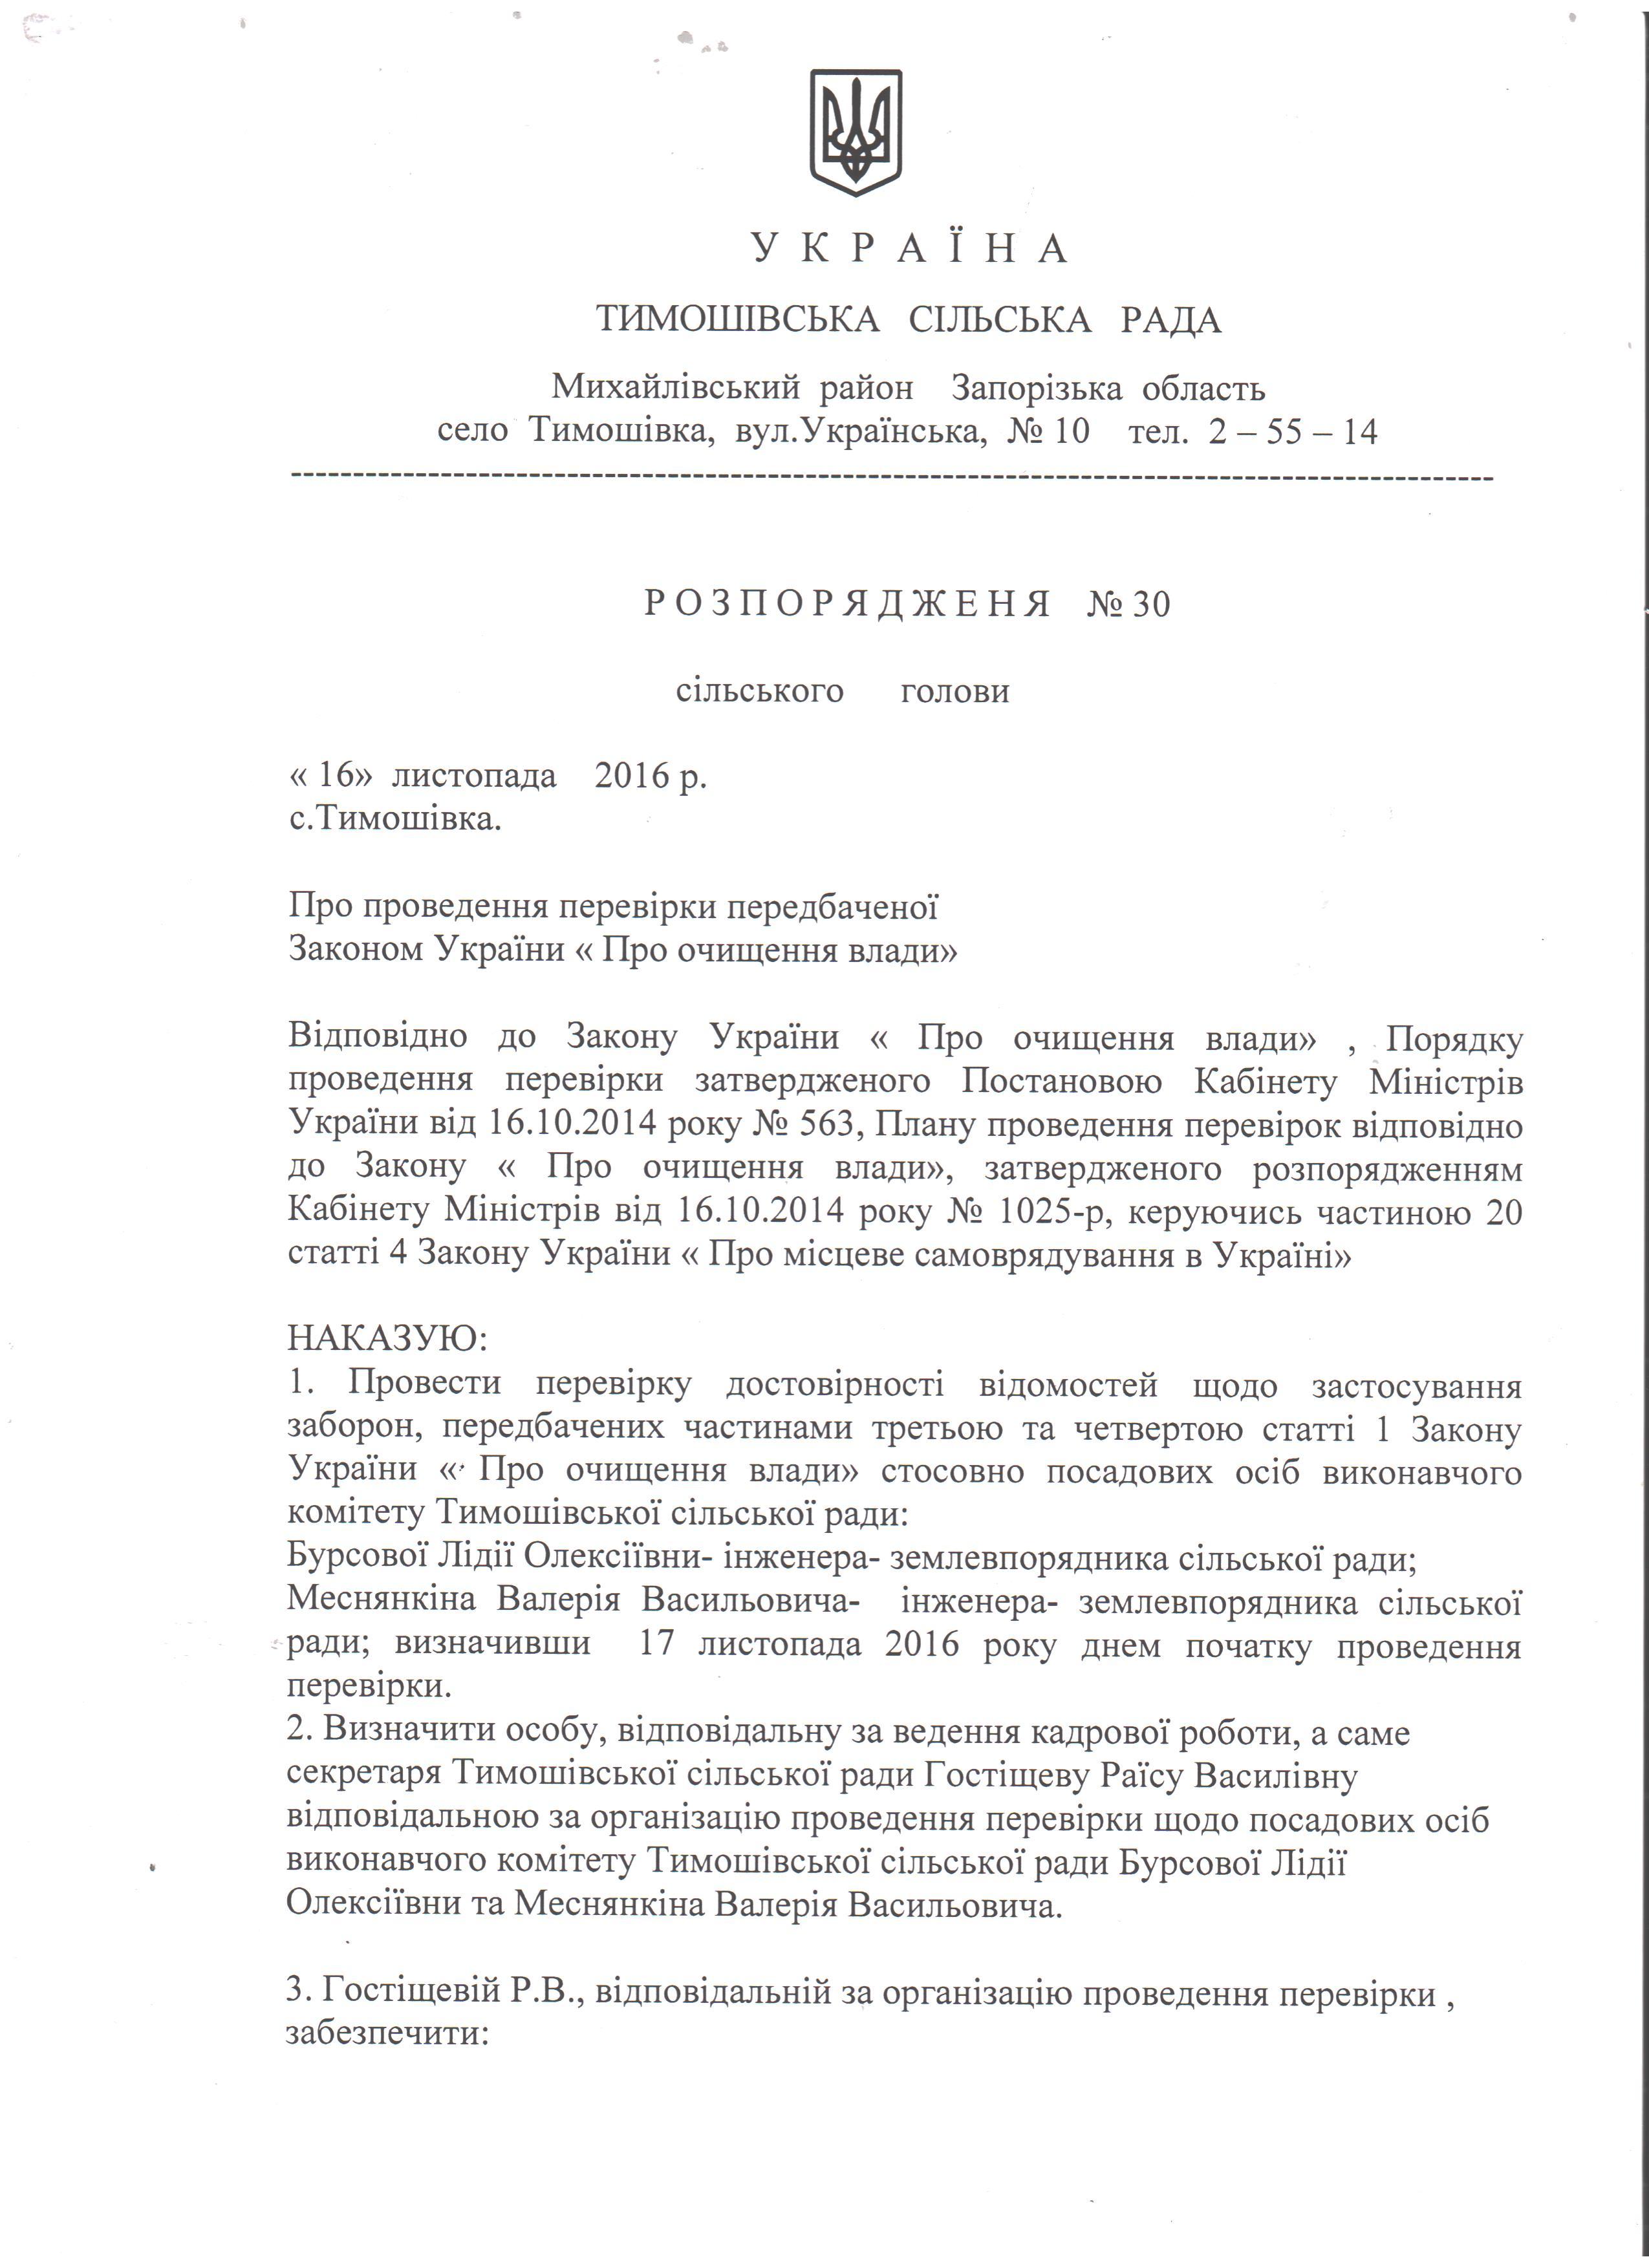 Розпорядження №30 від 16.11.2016